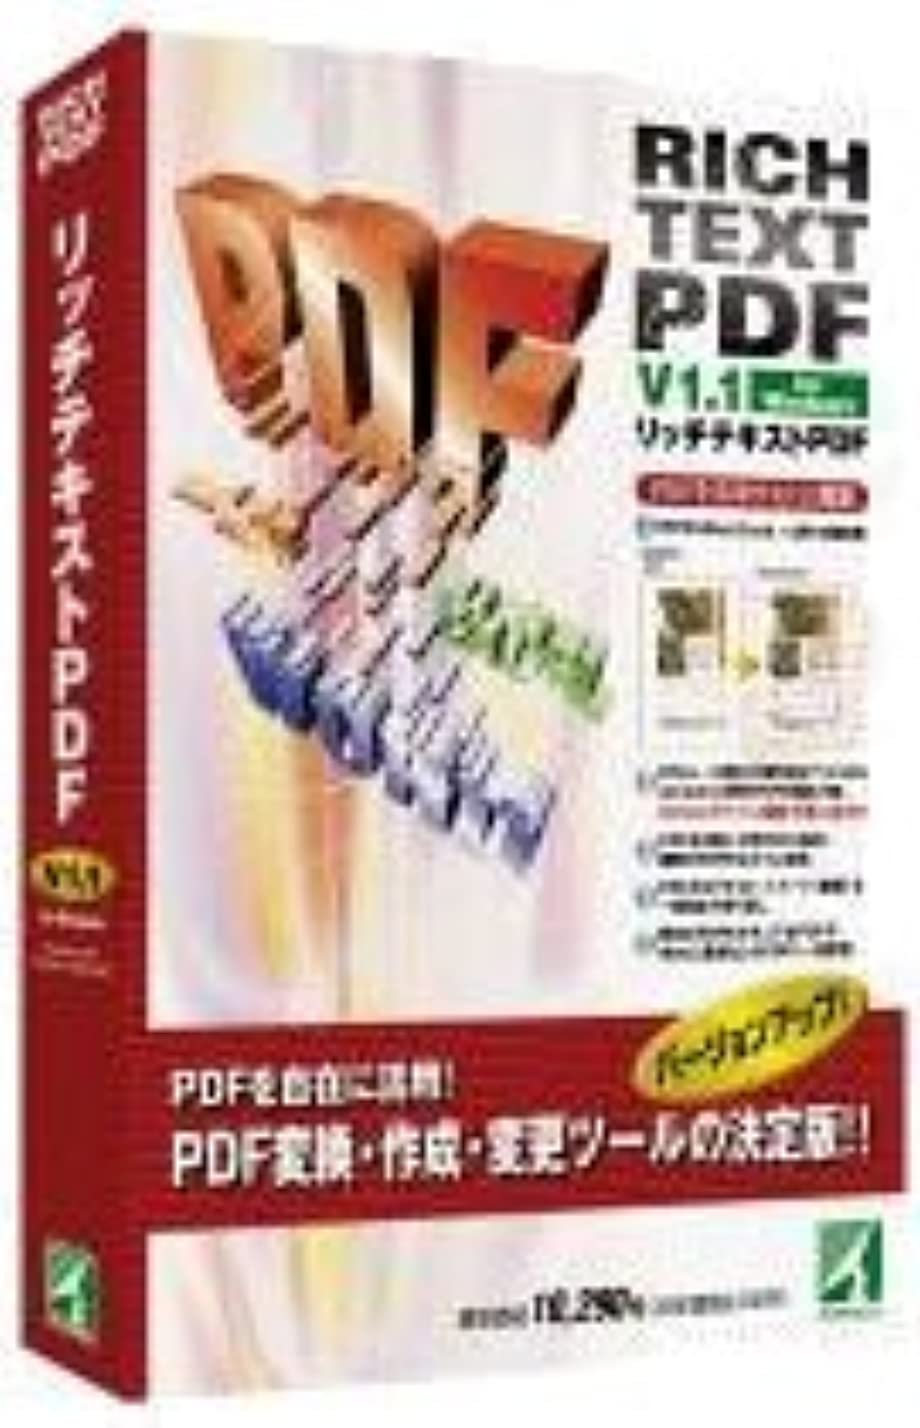 濃度絶望的な雄大なリッチテキストPDF V1.1